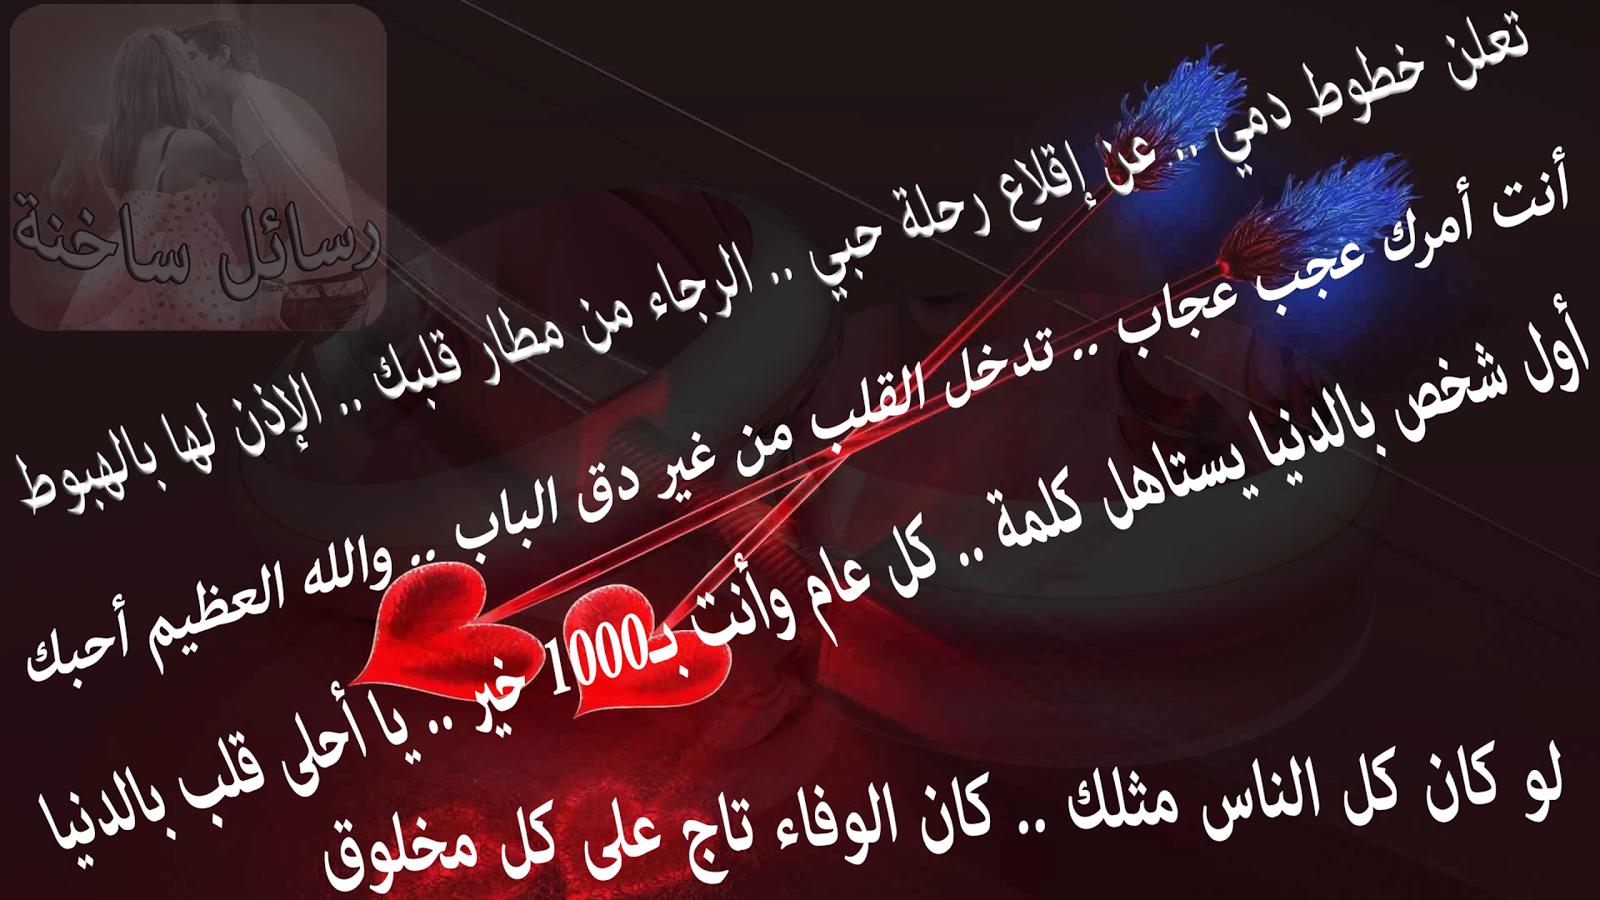 بالصور رسائل شوق للحبيب البعيد , صور رسائل شوق قوى ومناداة للحبيب 3178